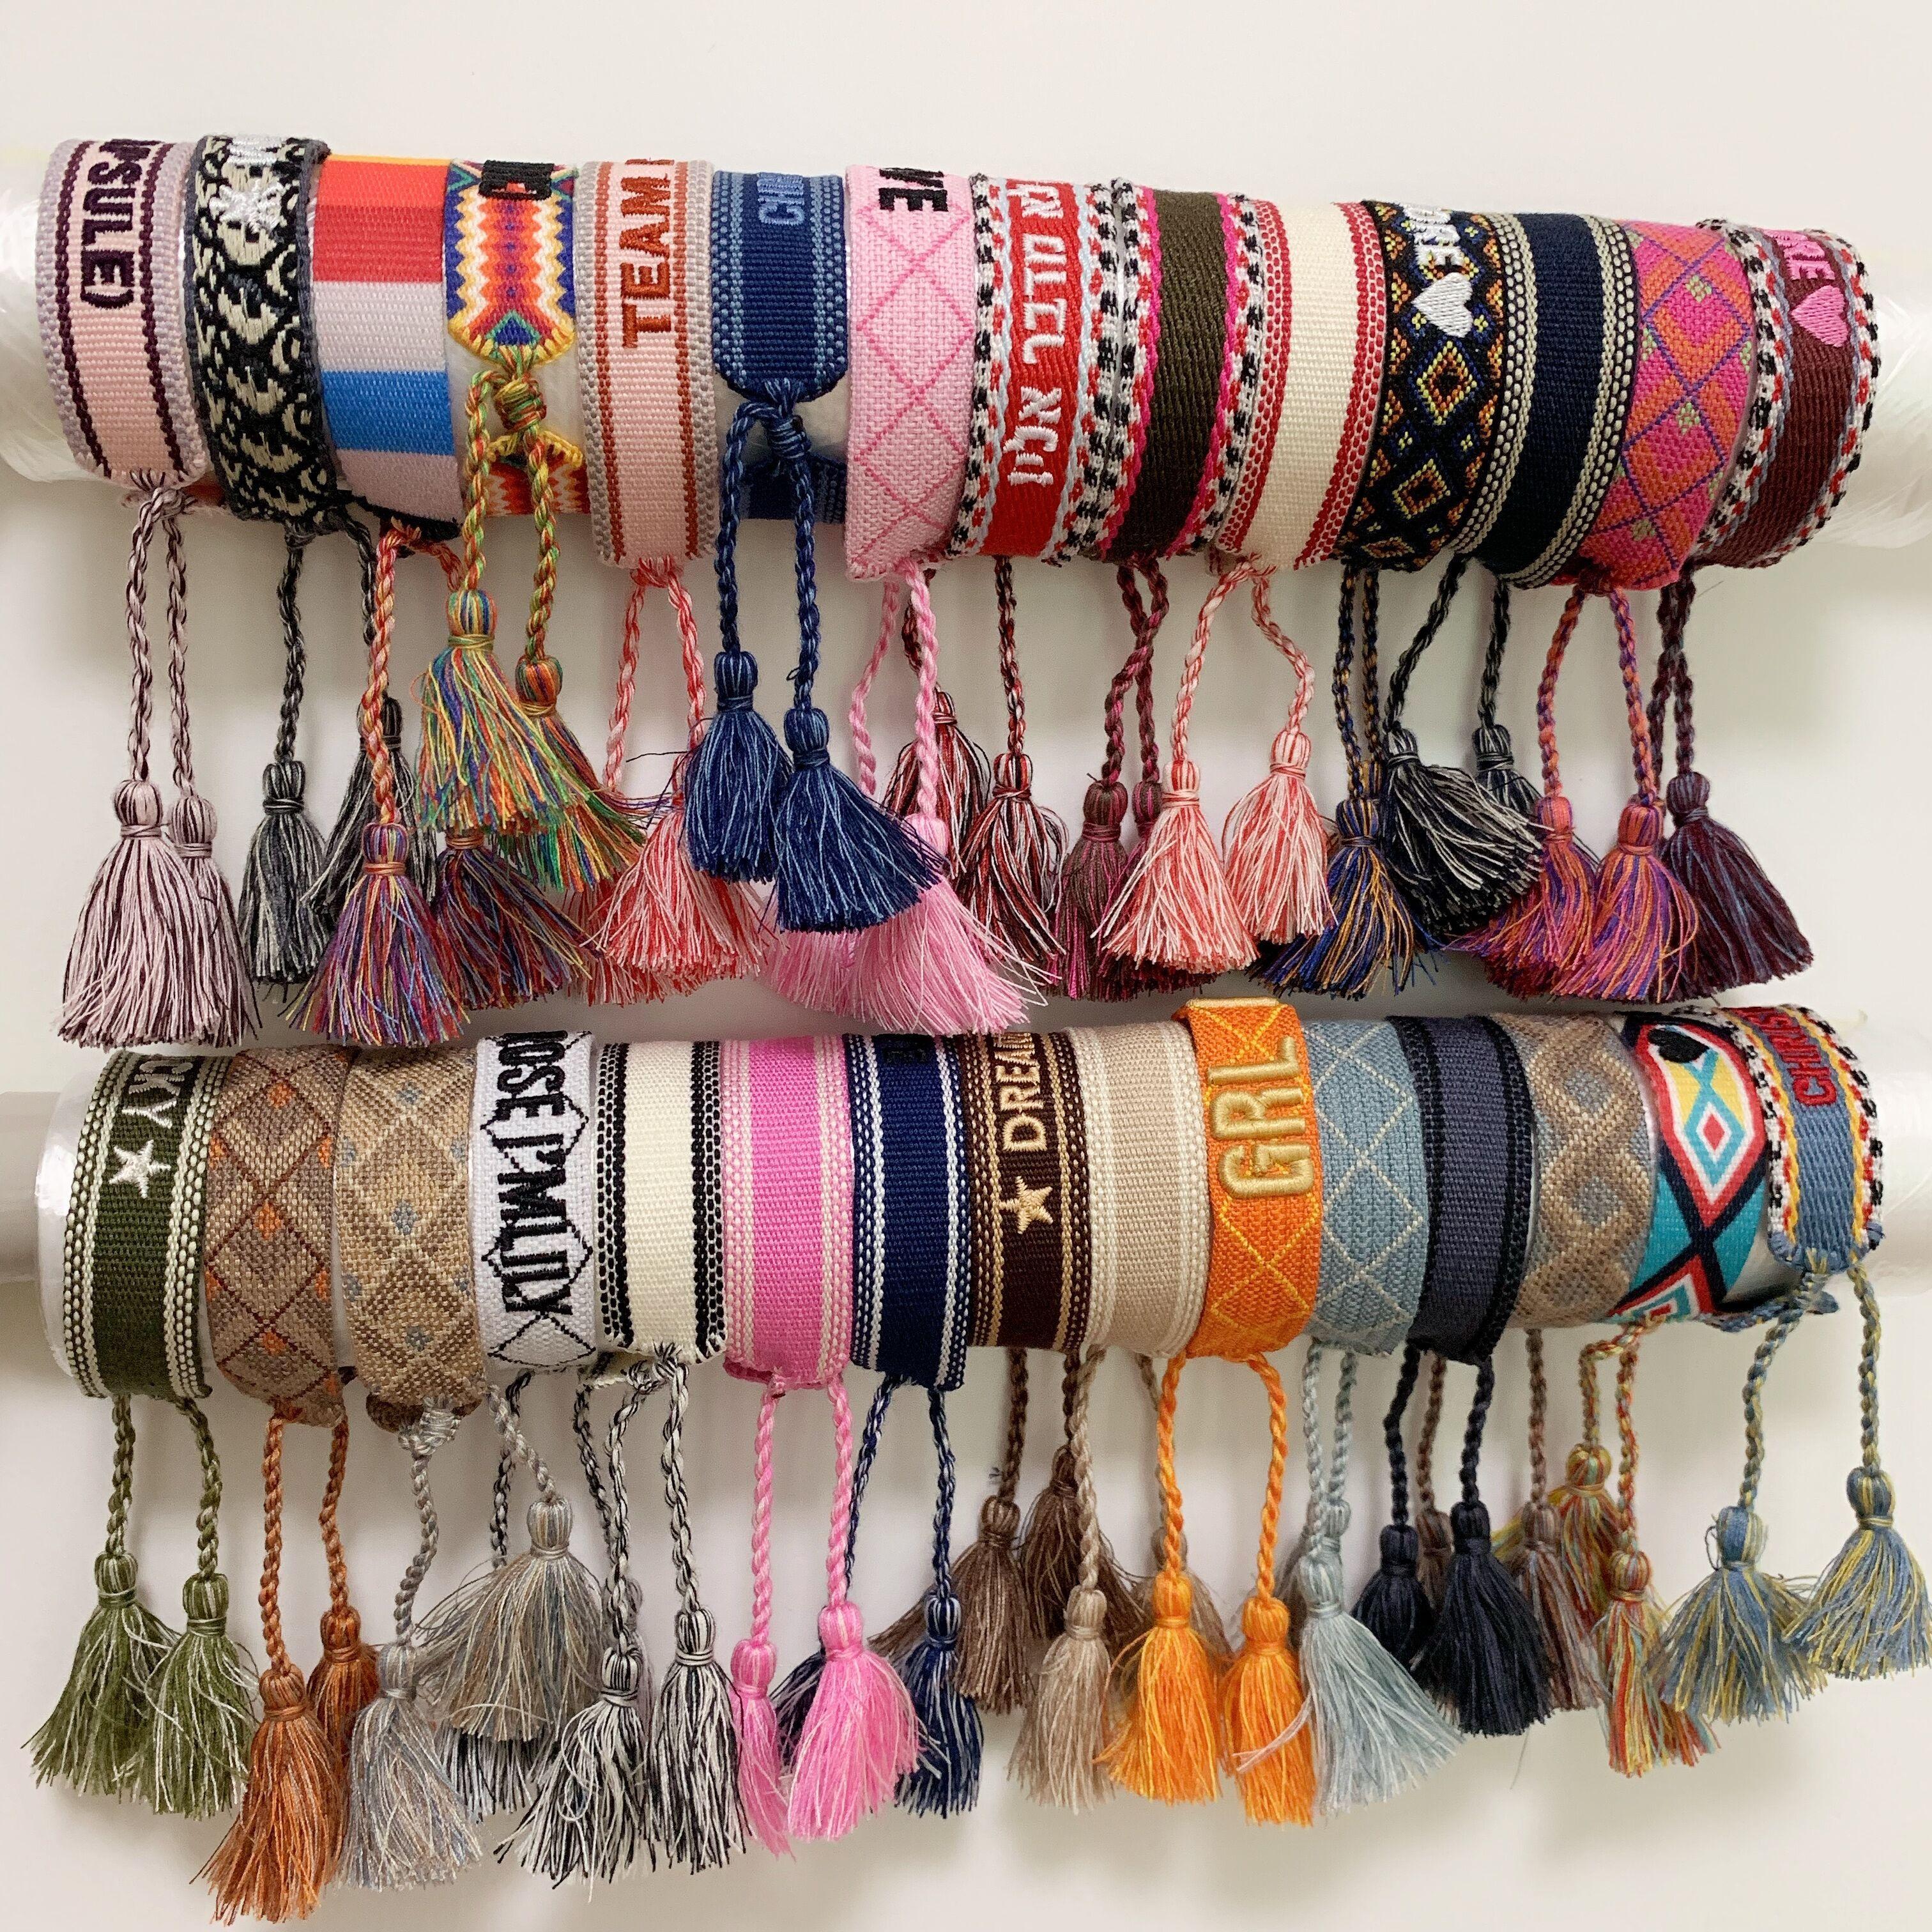 Designermarken Schmuck Frauen Männer Armbänder arbeiten Luxus Geflochtene Quaste Armband 34 Art-hochwertige gestickte Lovers Armband-Geschenk